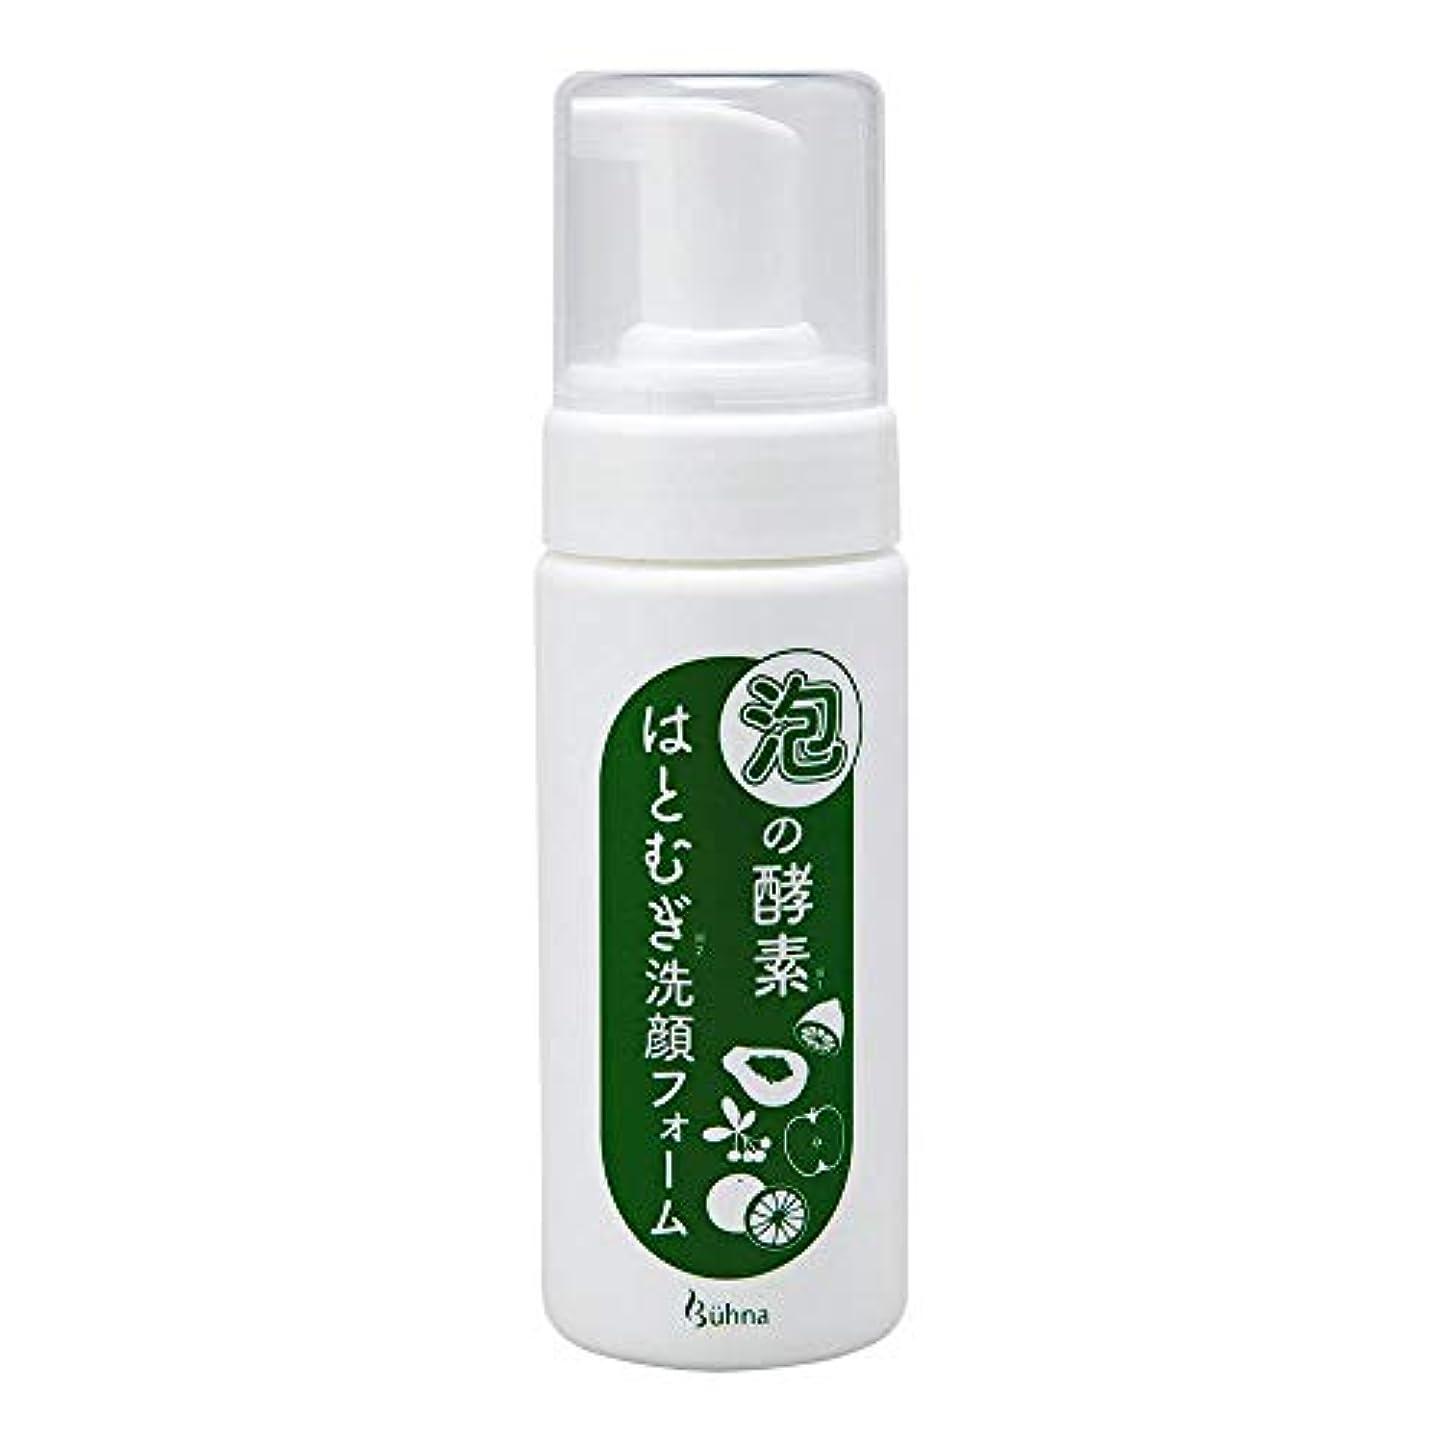 天使誤って雑種コモライフ ビューナ 泡の酵素はとむぎ洗顔フォーム